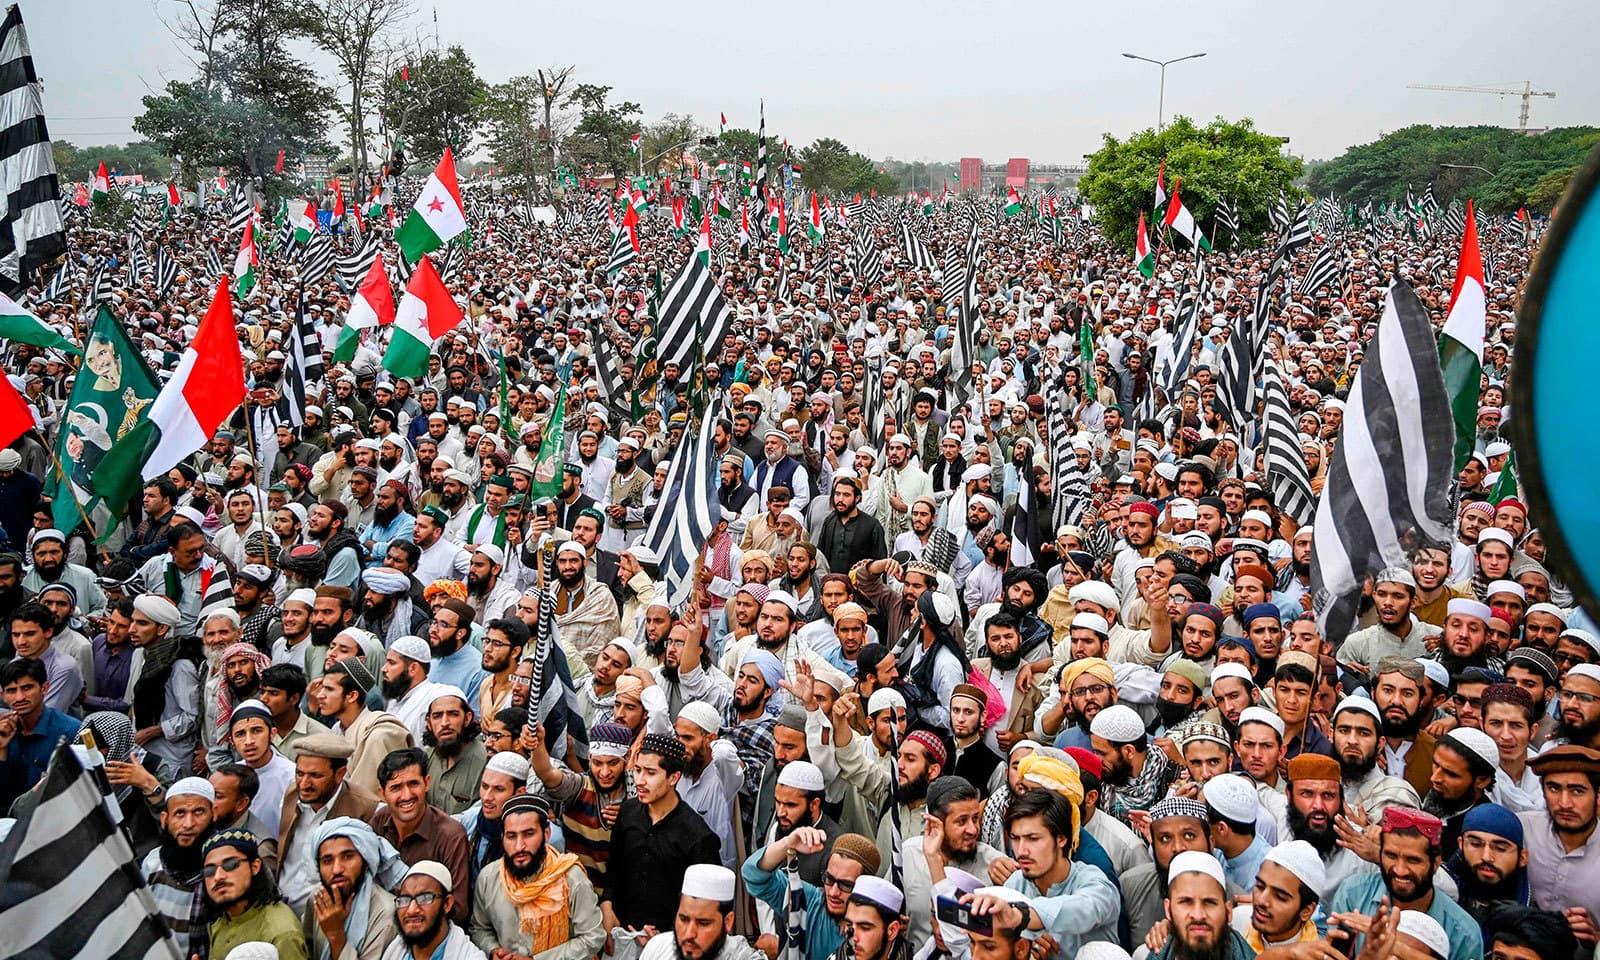 مارچ میں اپوزیشن کی تمام جماعتوں کے کارکن شامل ہیں—فوٹو:اے ایف پی